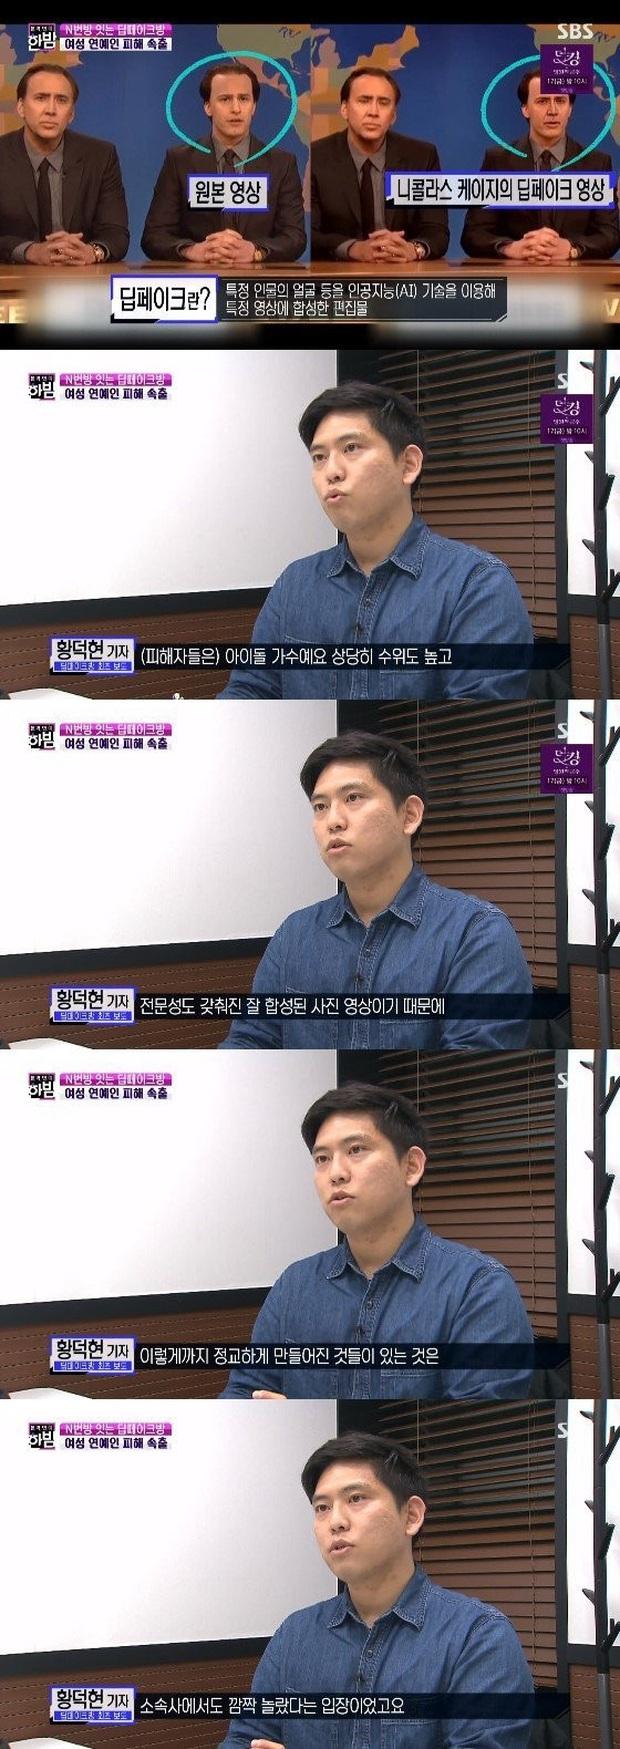 Phóng viên Hàn tiết lộ cách thức gây sốc Phòng chat thứ N dùng để biến số lượng lớn idol nữ Kpop thành nô lệ tình dục - Ảnh 2.